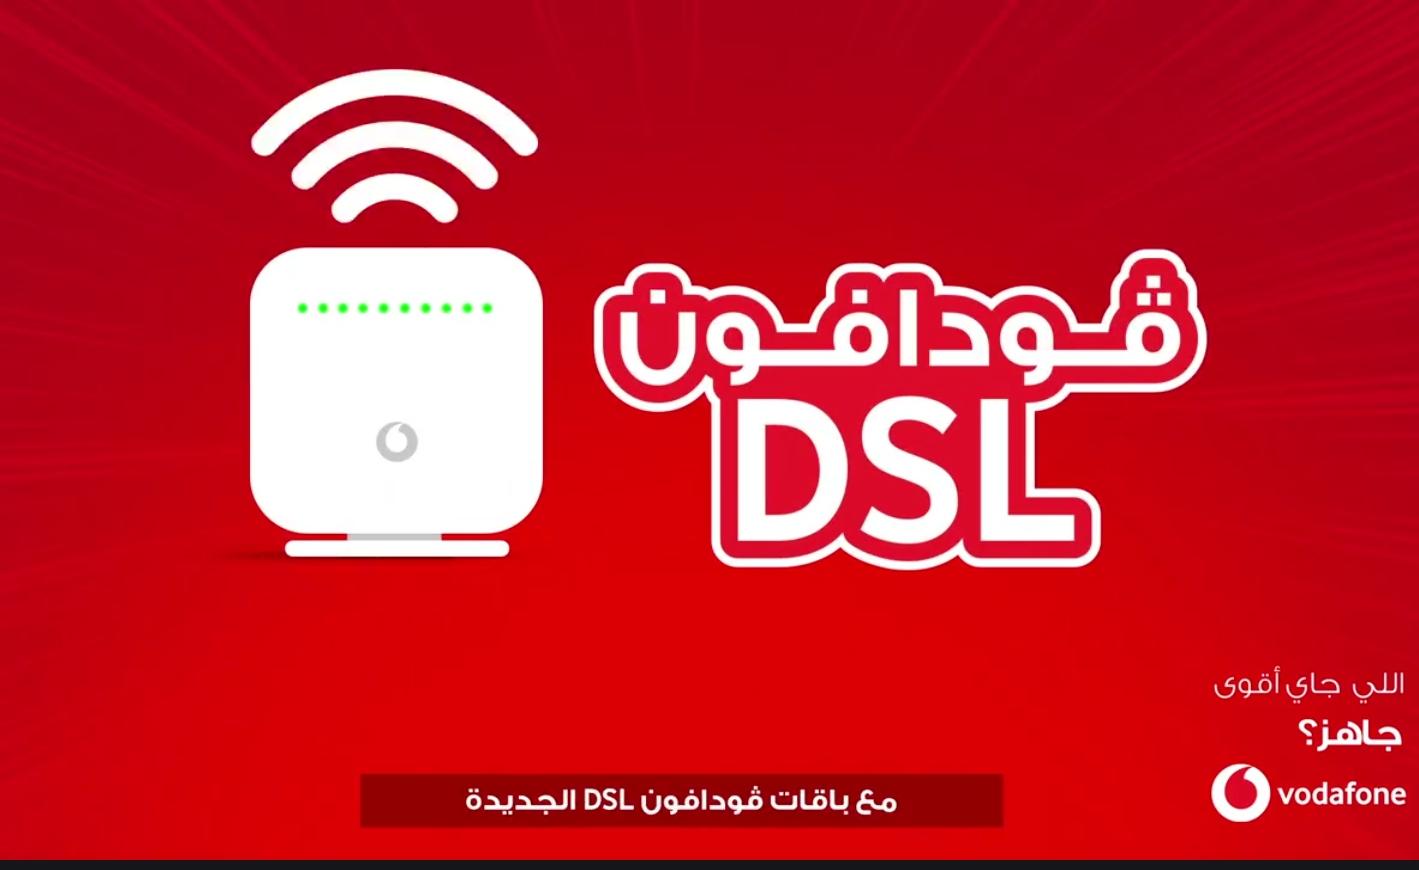 شرح باقات vodafone DSL للانترنت المنزلي الجديد من فودافون 2020